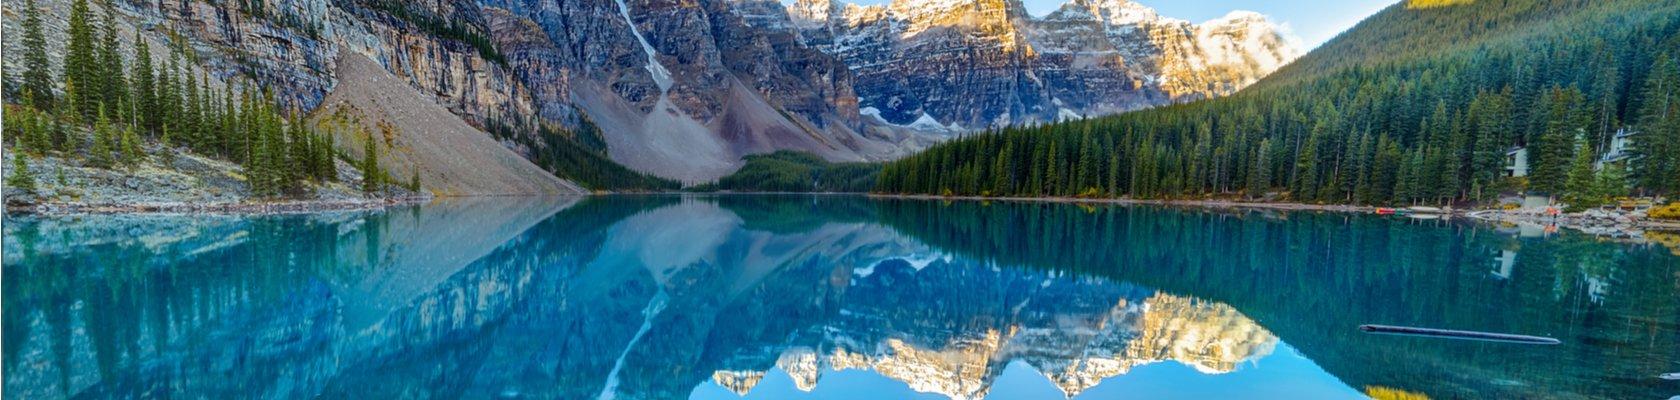 Banff Moraine Lake